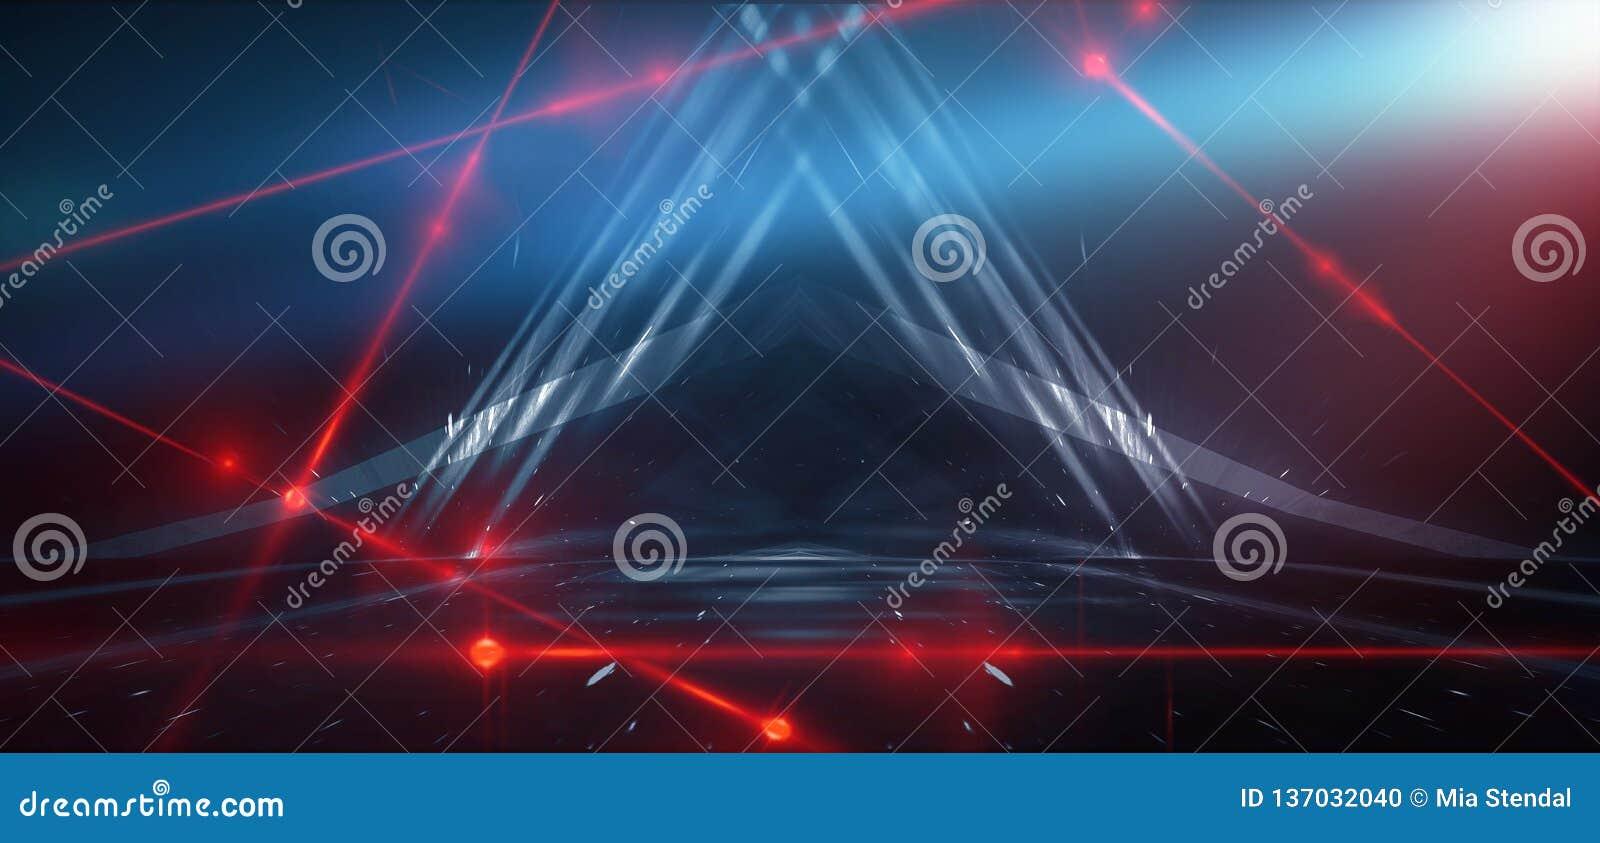 Fondo azul abstracto con la luz de neón, túnel, pasillo, rayos rojos del laser, humo